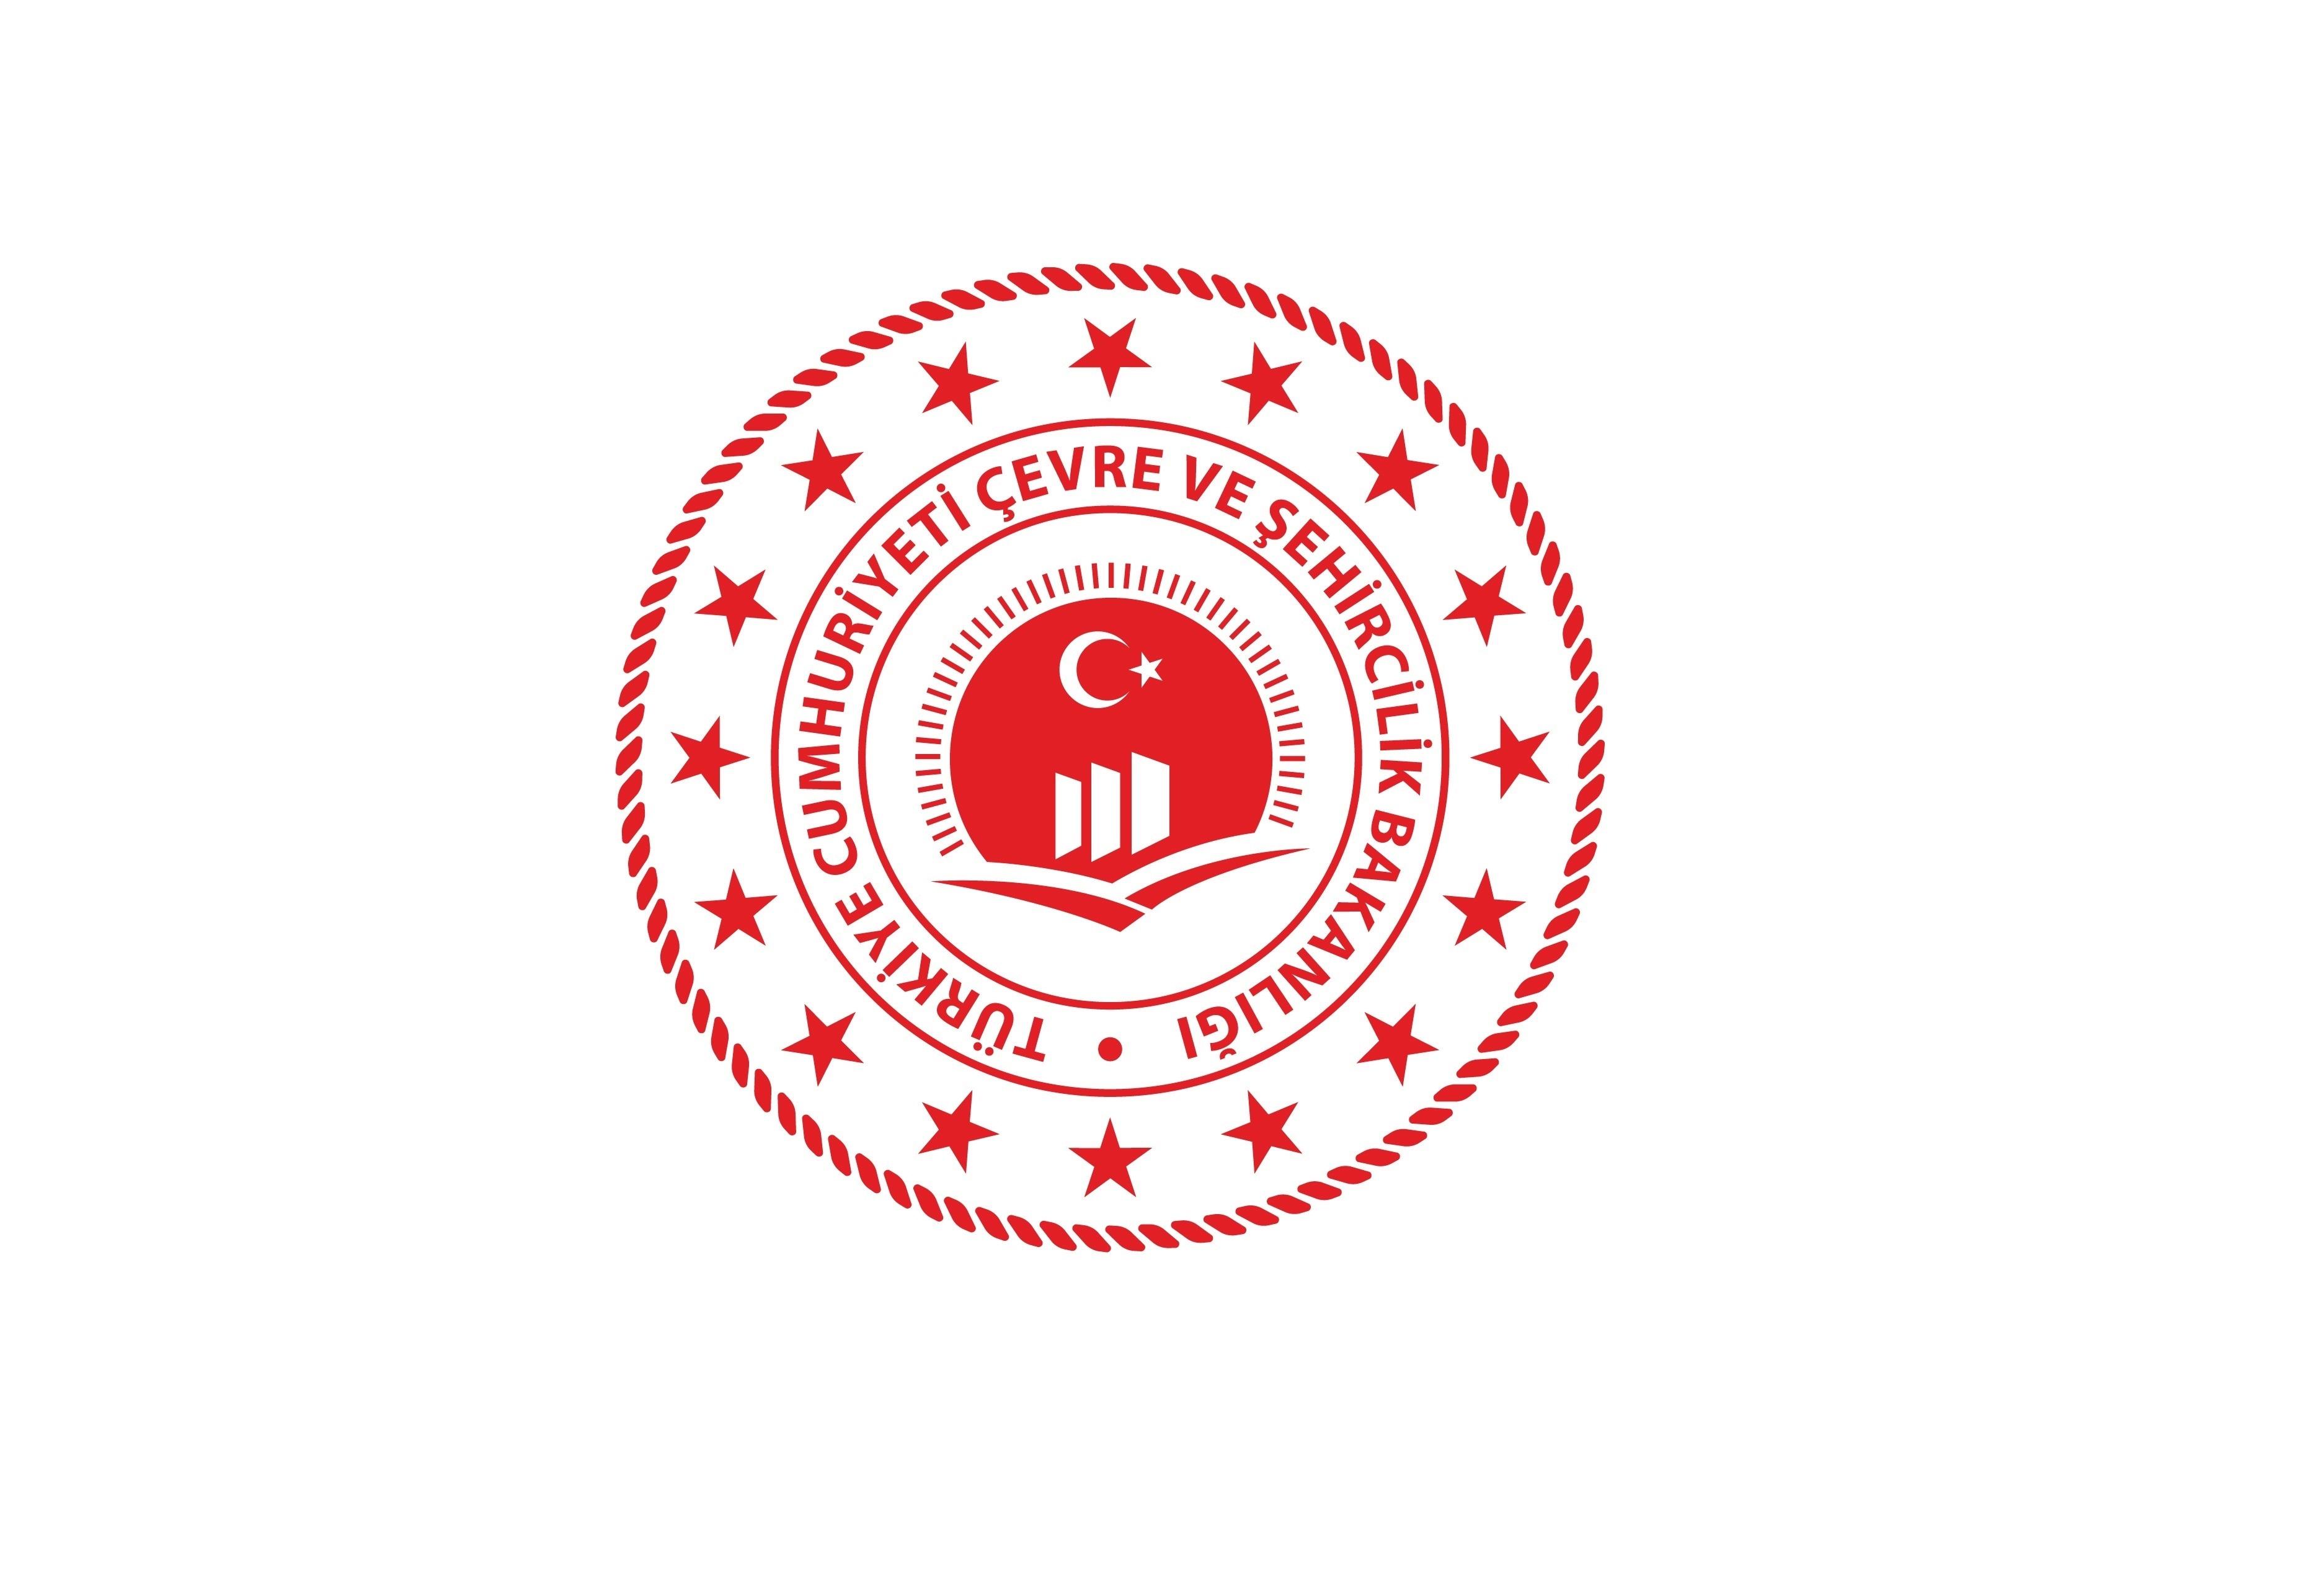 T.C. Çevre ve Şehircilik Bakanlığı Coğrafi Bilgi Sistemi Uzmanlığı Yönetmeliği 01.10.2020 tarihli ve 31261 sayılı Resmi Gazetede yayımlanarak yürürlüğe girmiştir